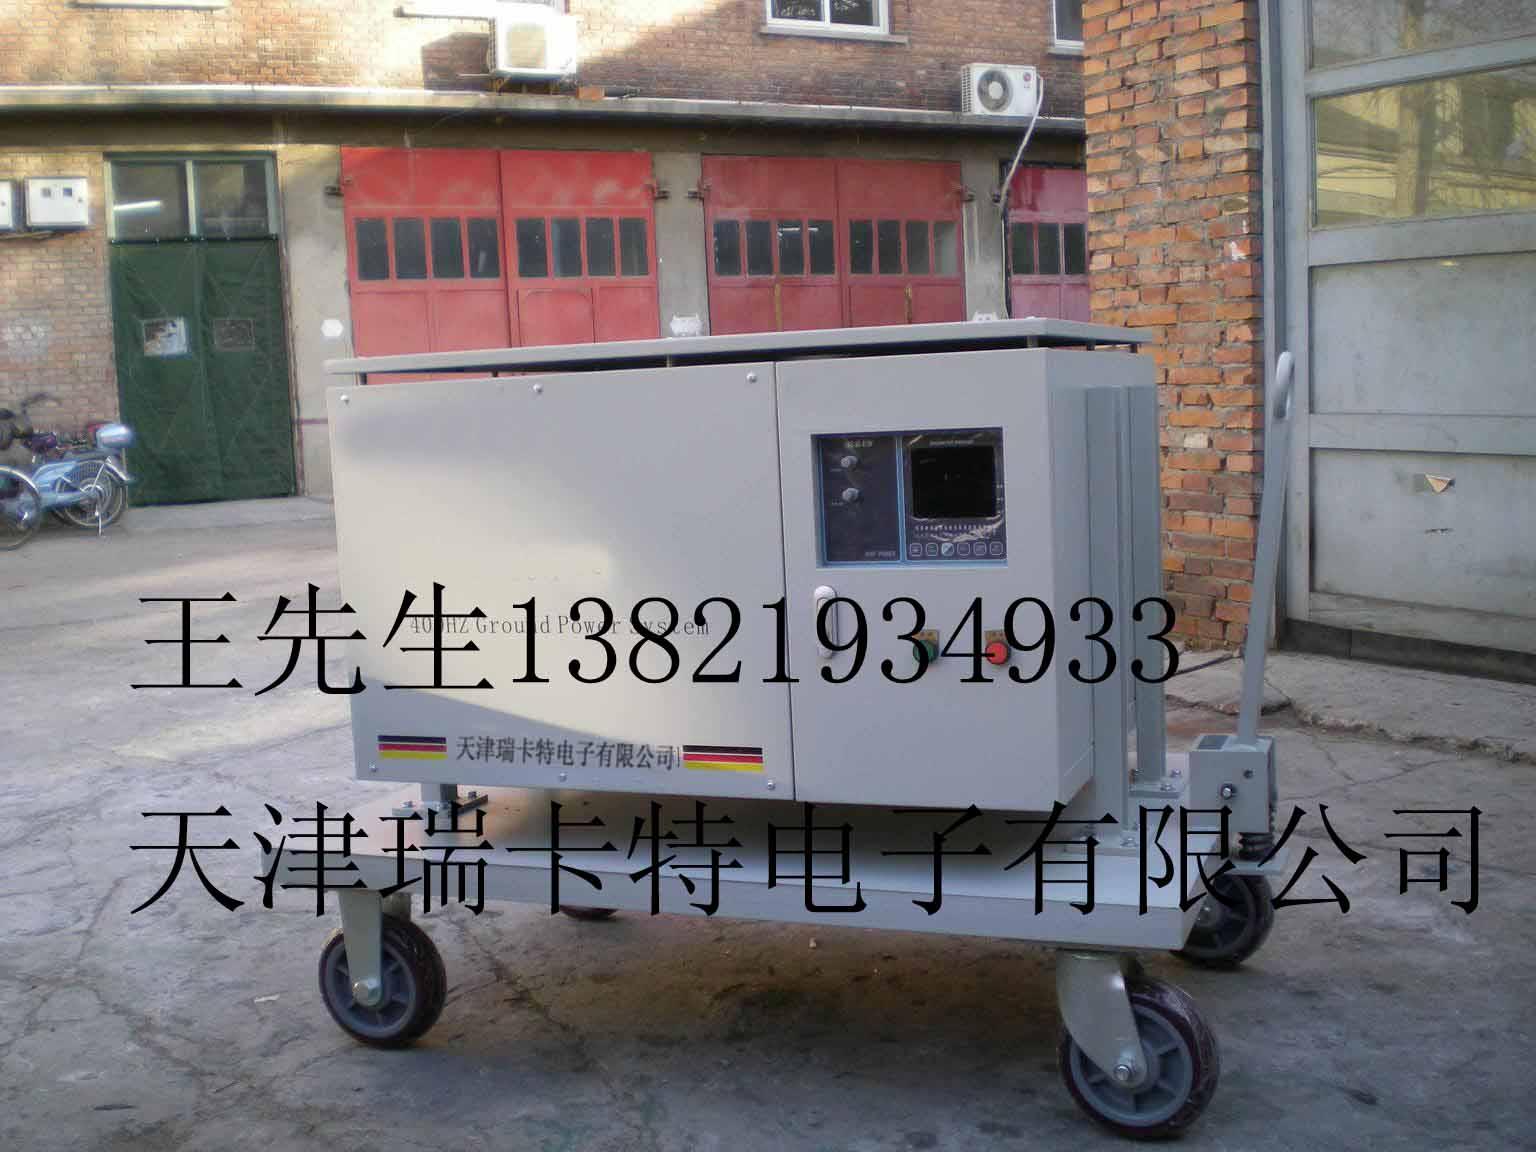 7-HK-182飞机电源起动车